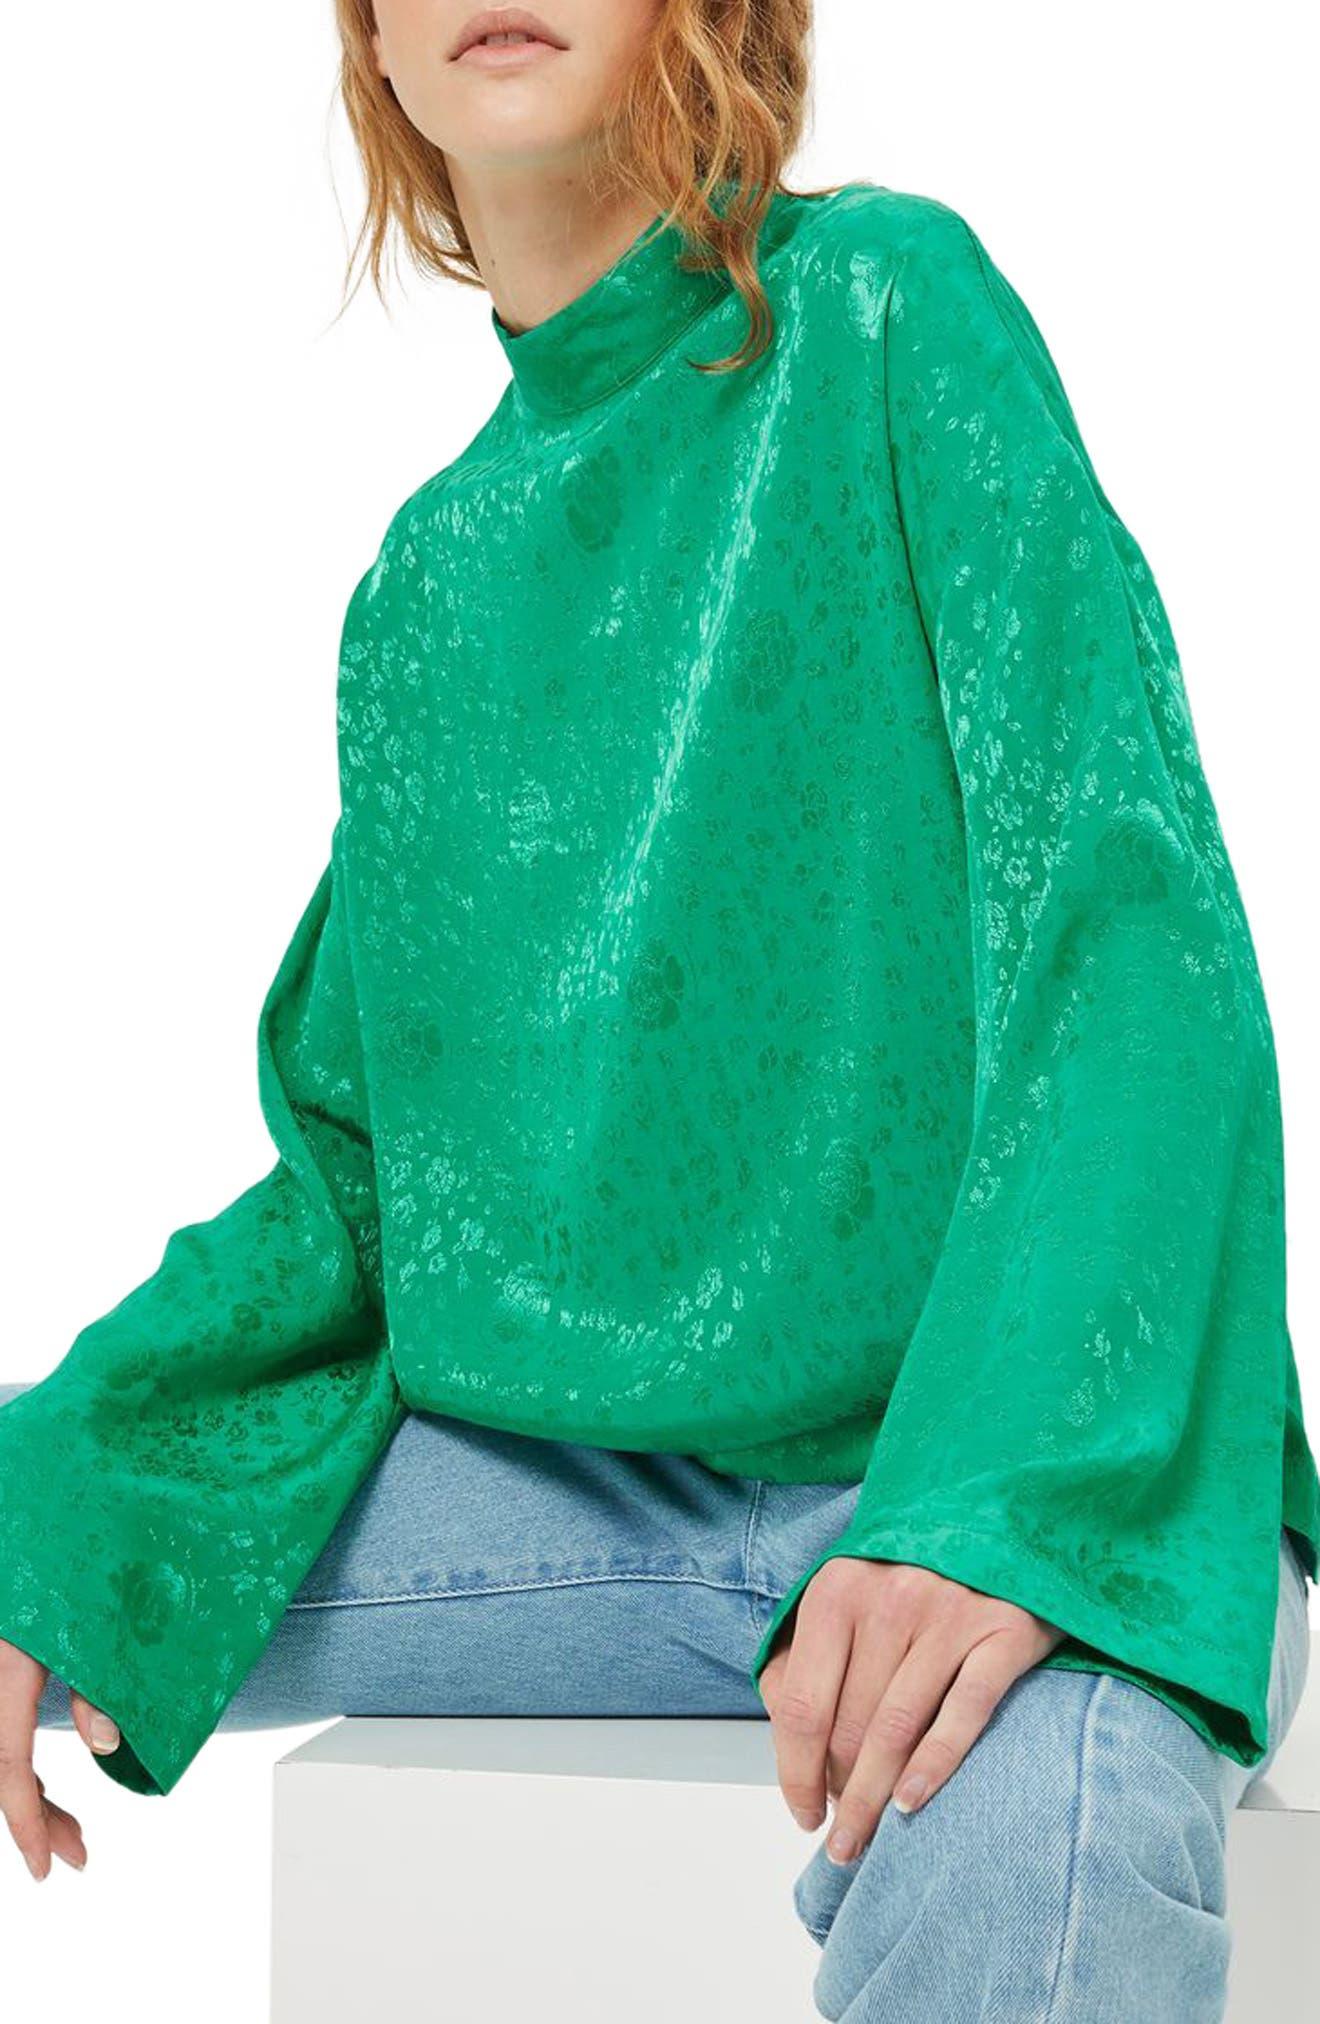 Jacquard Kimono Sleeve Top,                             Alternate thumbnail 2, color,                             Bright Green